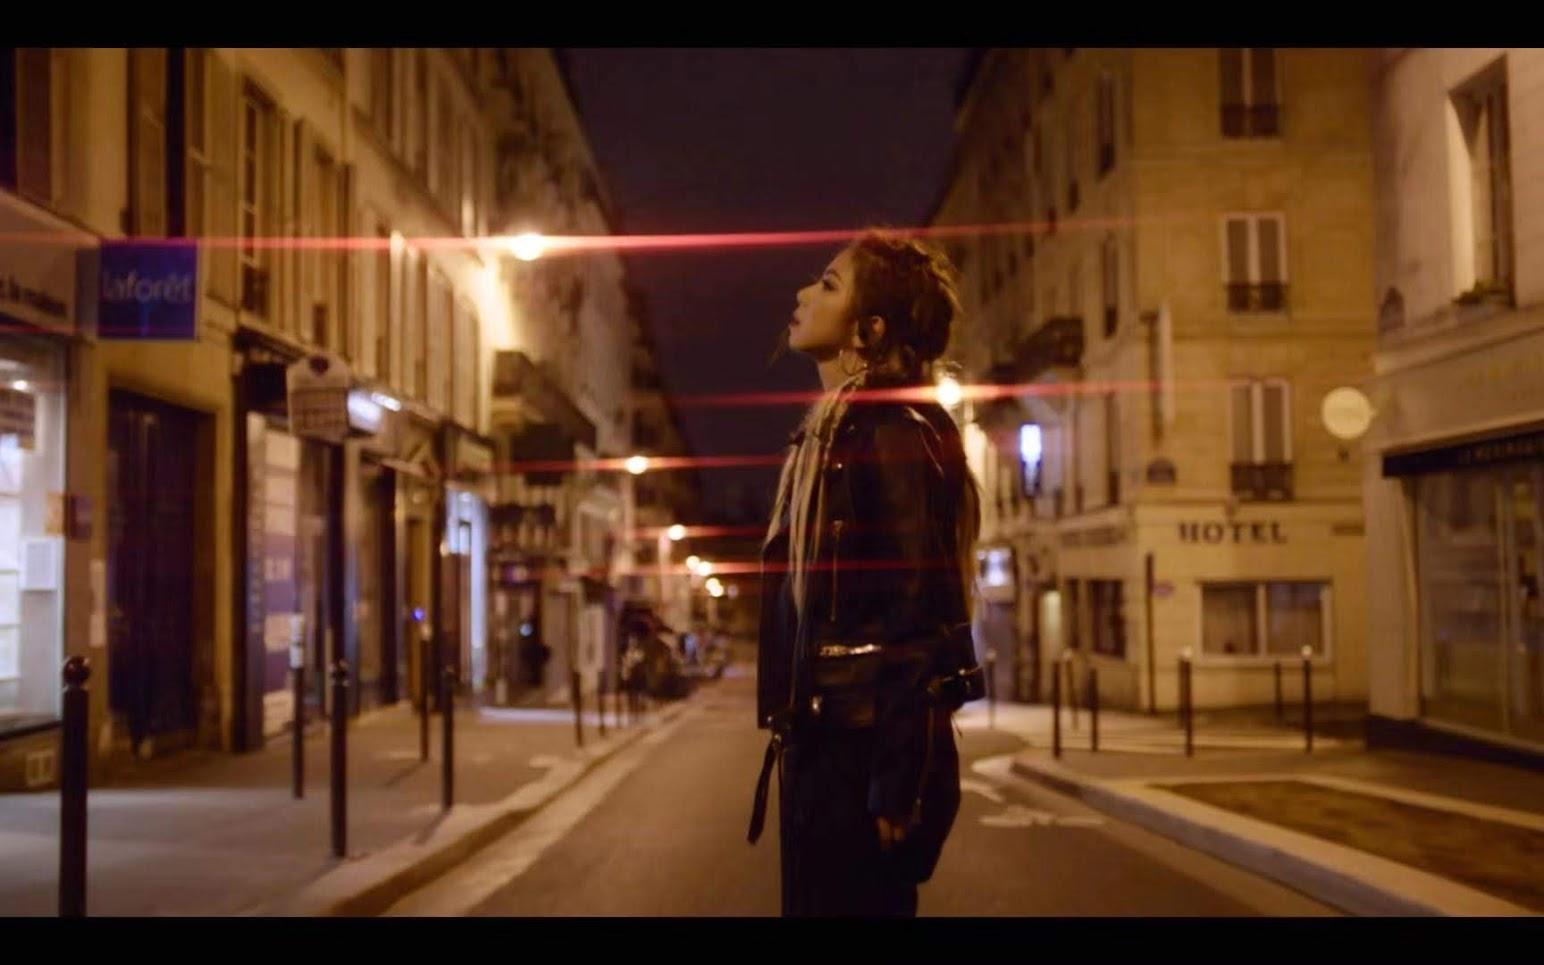 鄧紫棋 推出全新MV 〈Fly Away〉 夜遊巴黎街頭 為憂鬱症患者發聲